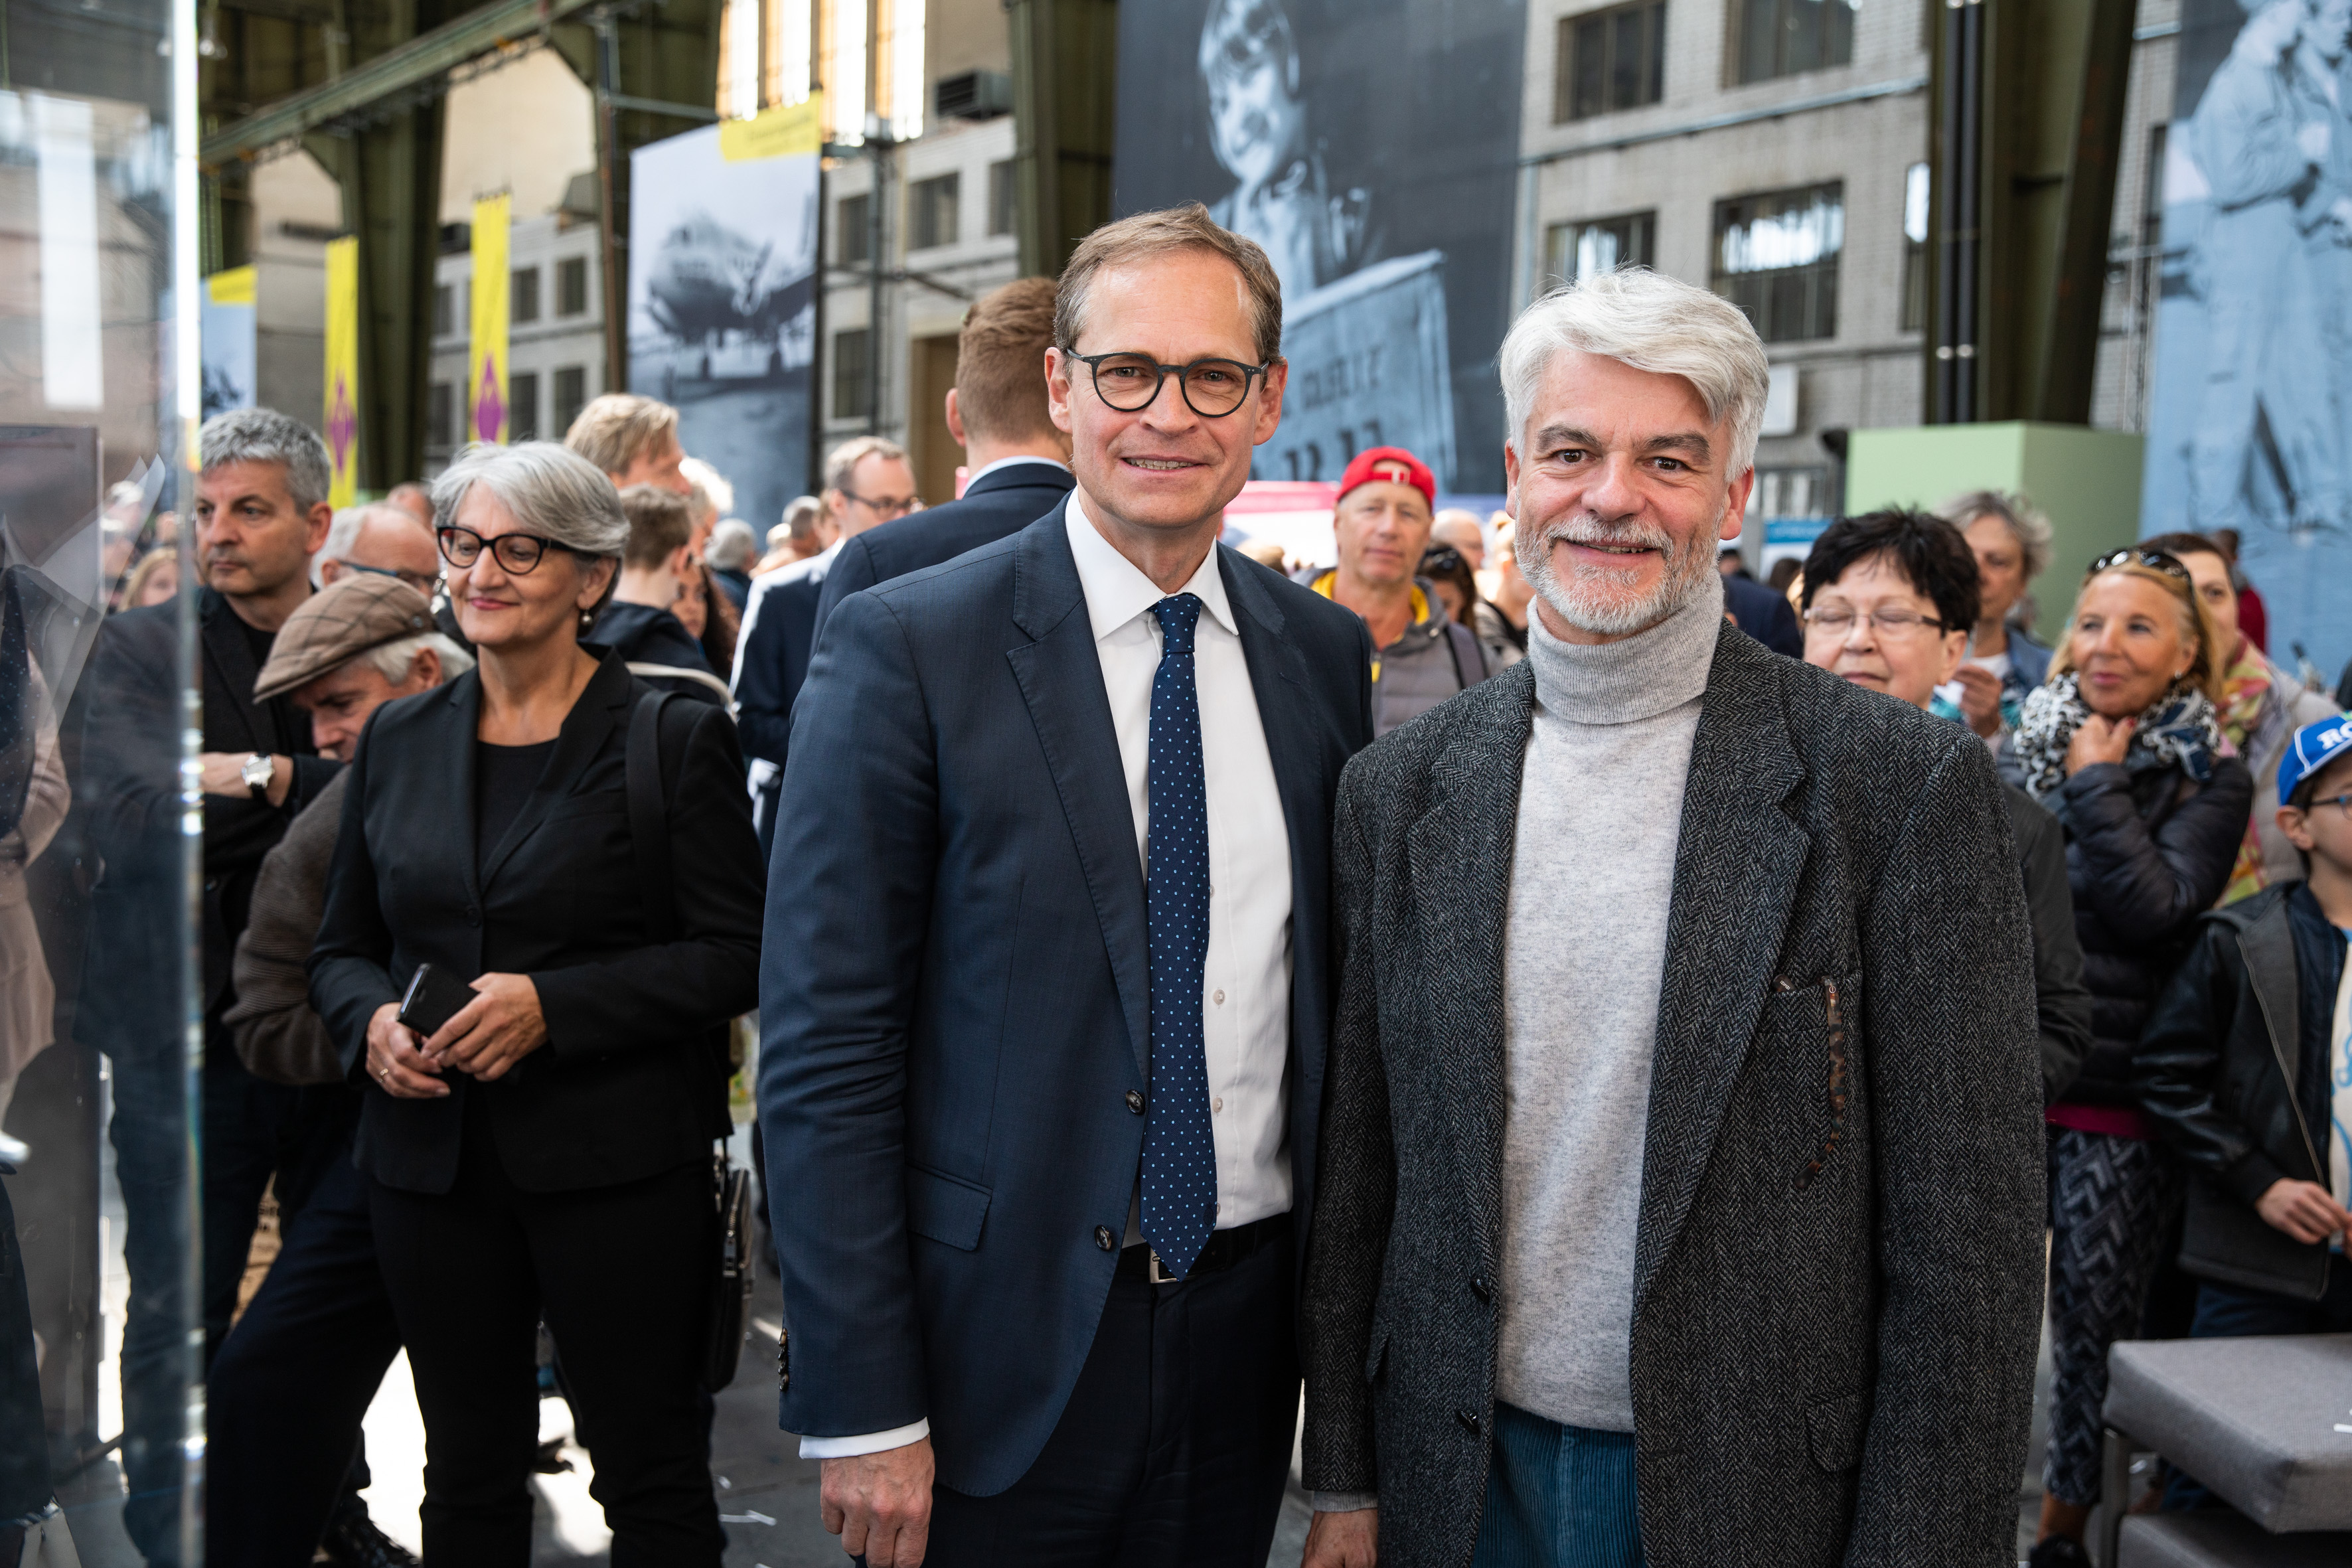 Der Regierende Bürgermeister von Berlin Michael Müller (links) und Geschäftsführer der Deutschen Fernsehlotterie, Christian Kipper (rechts).